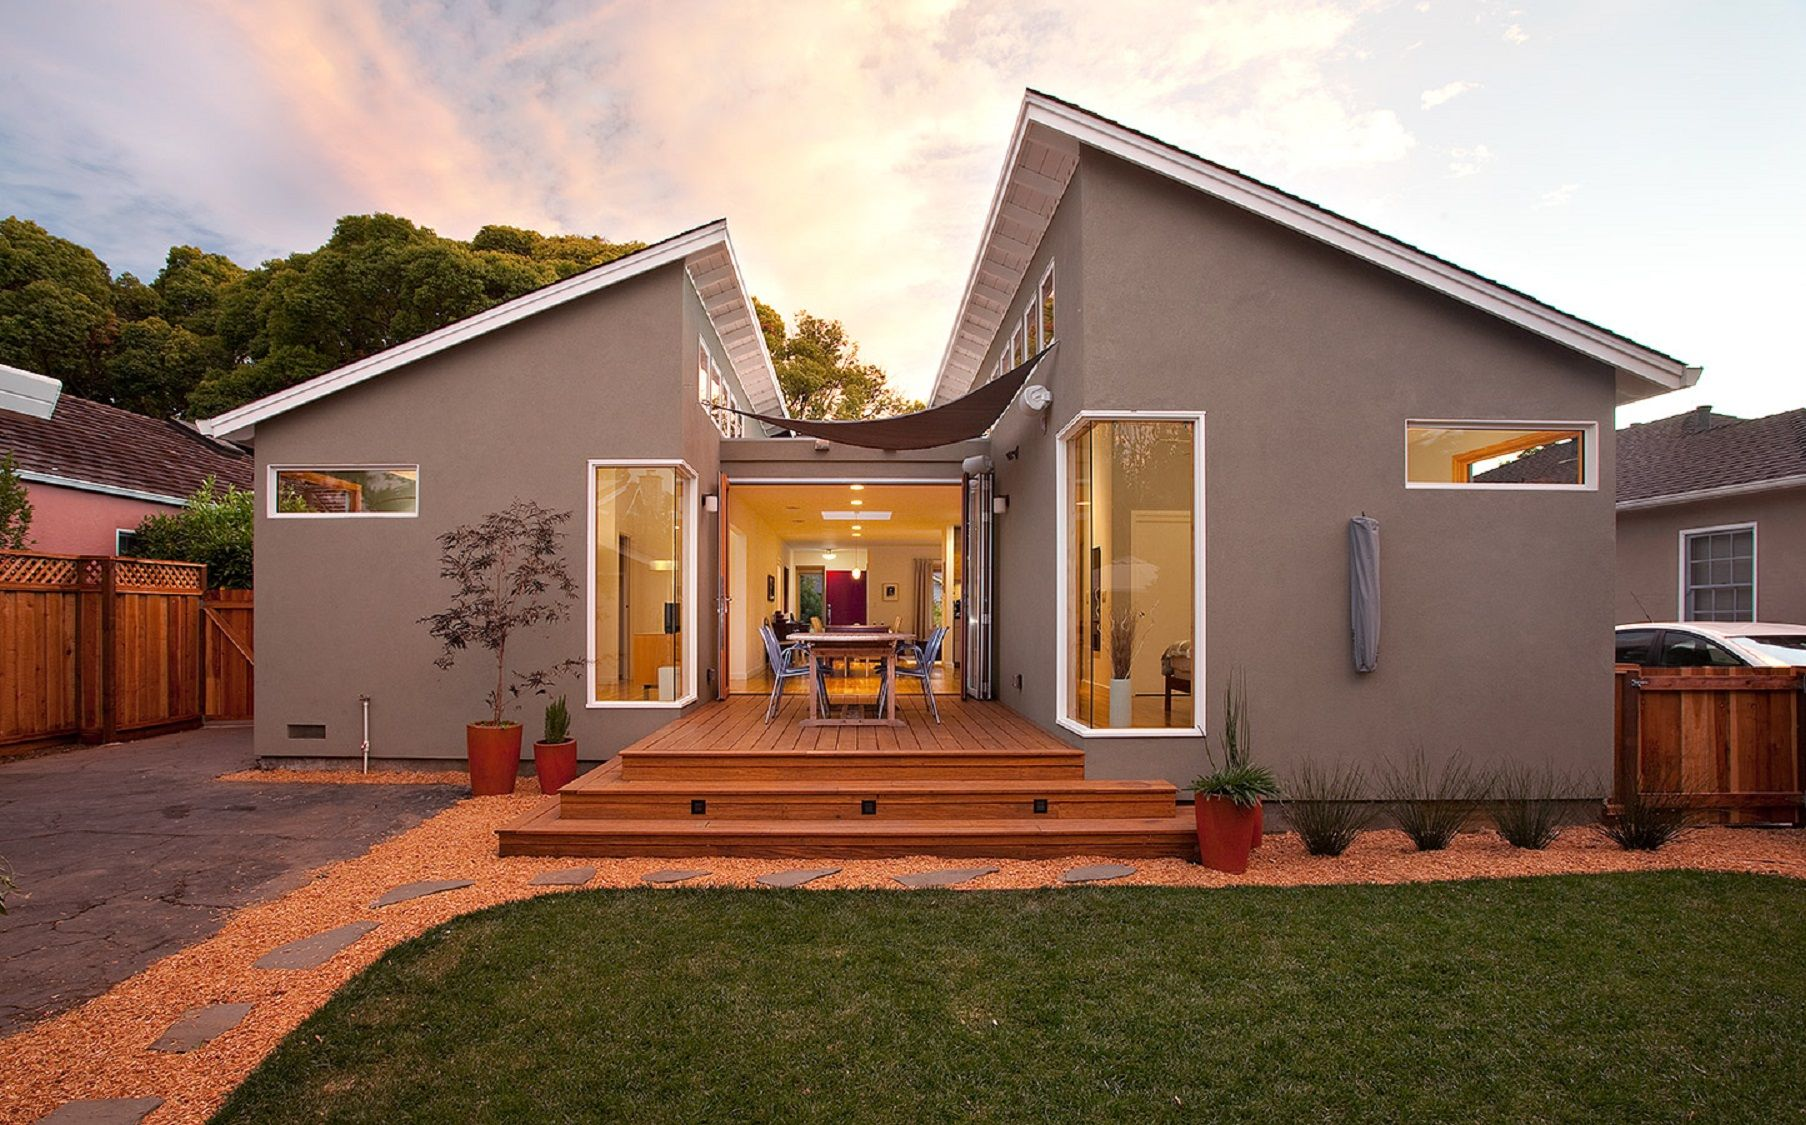 Modern Ranch House Conversion Exterior Entrance